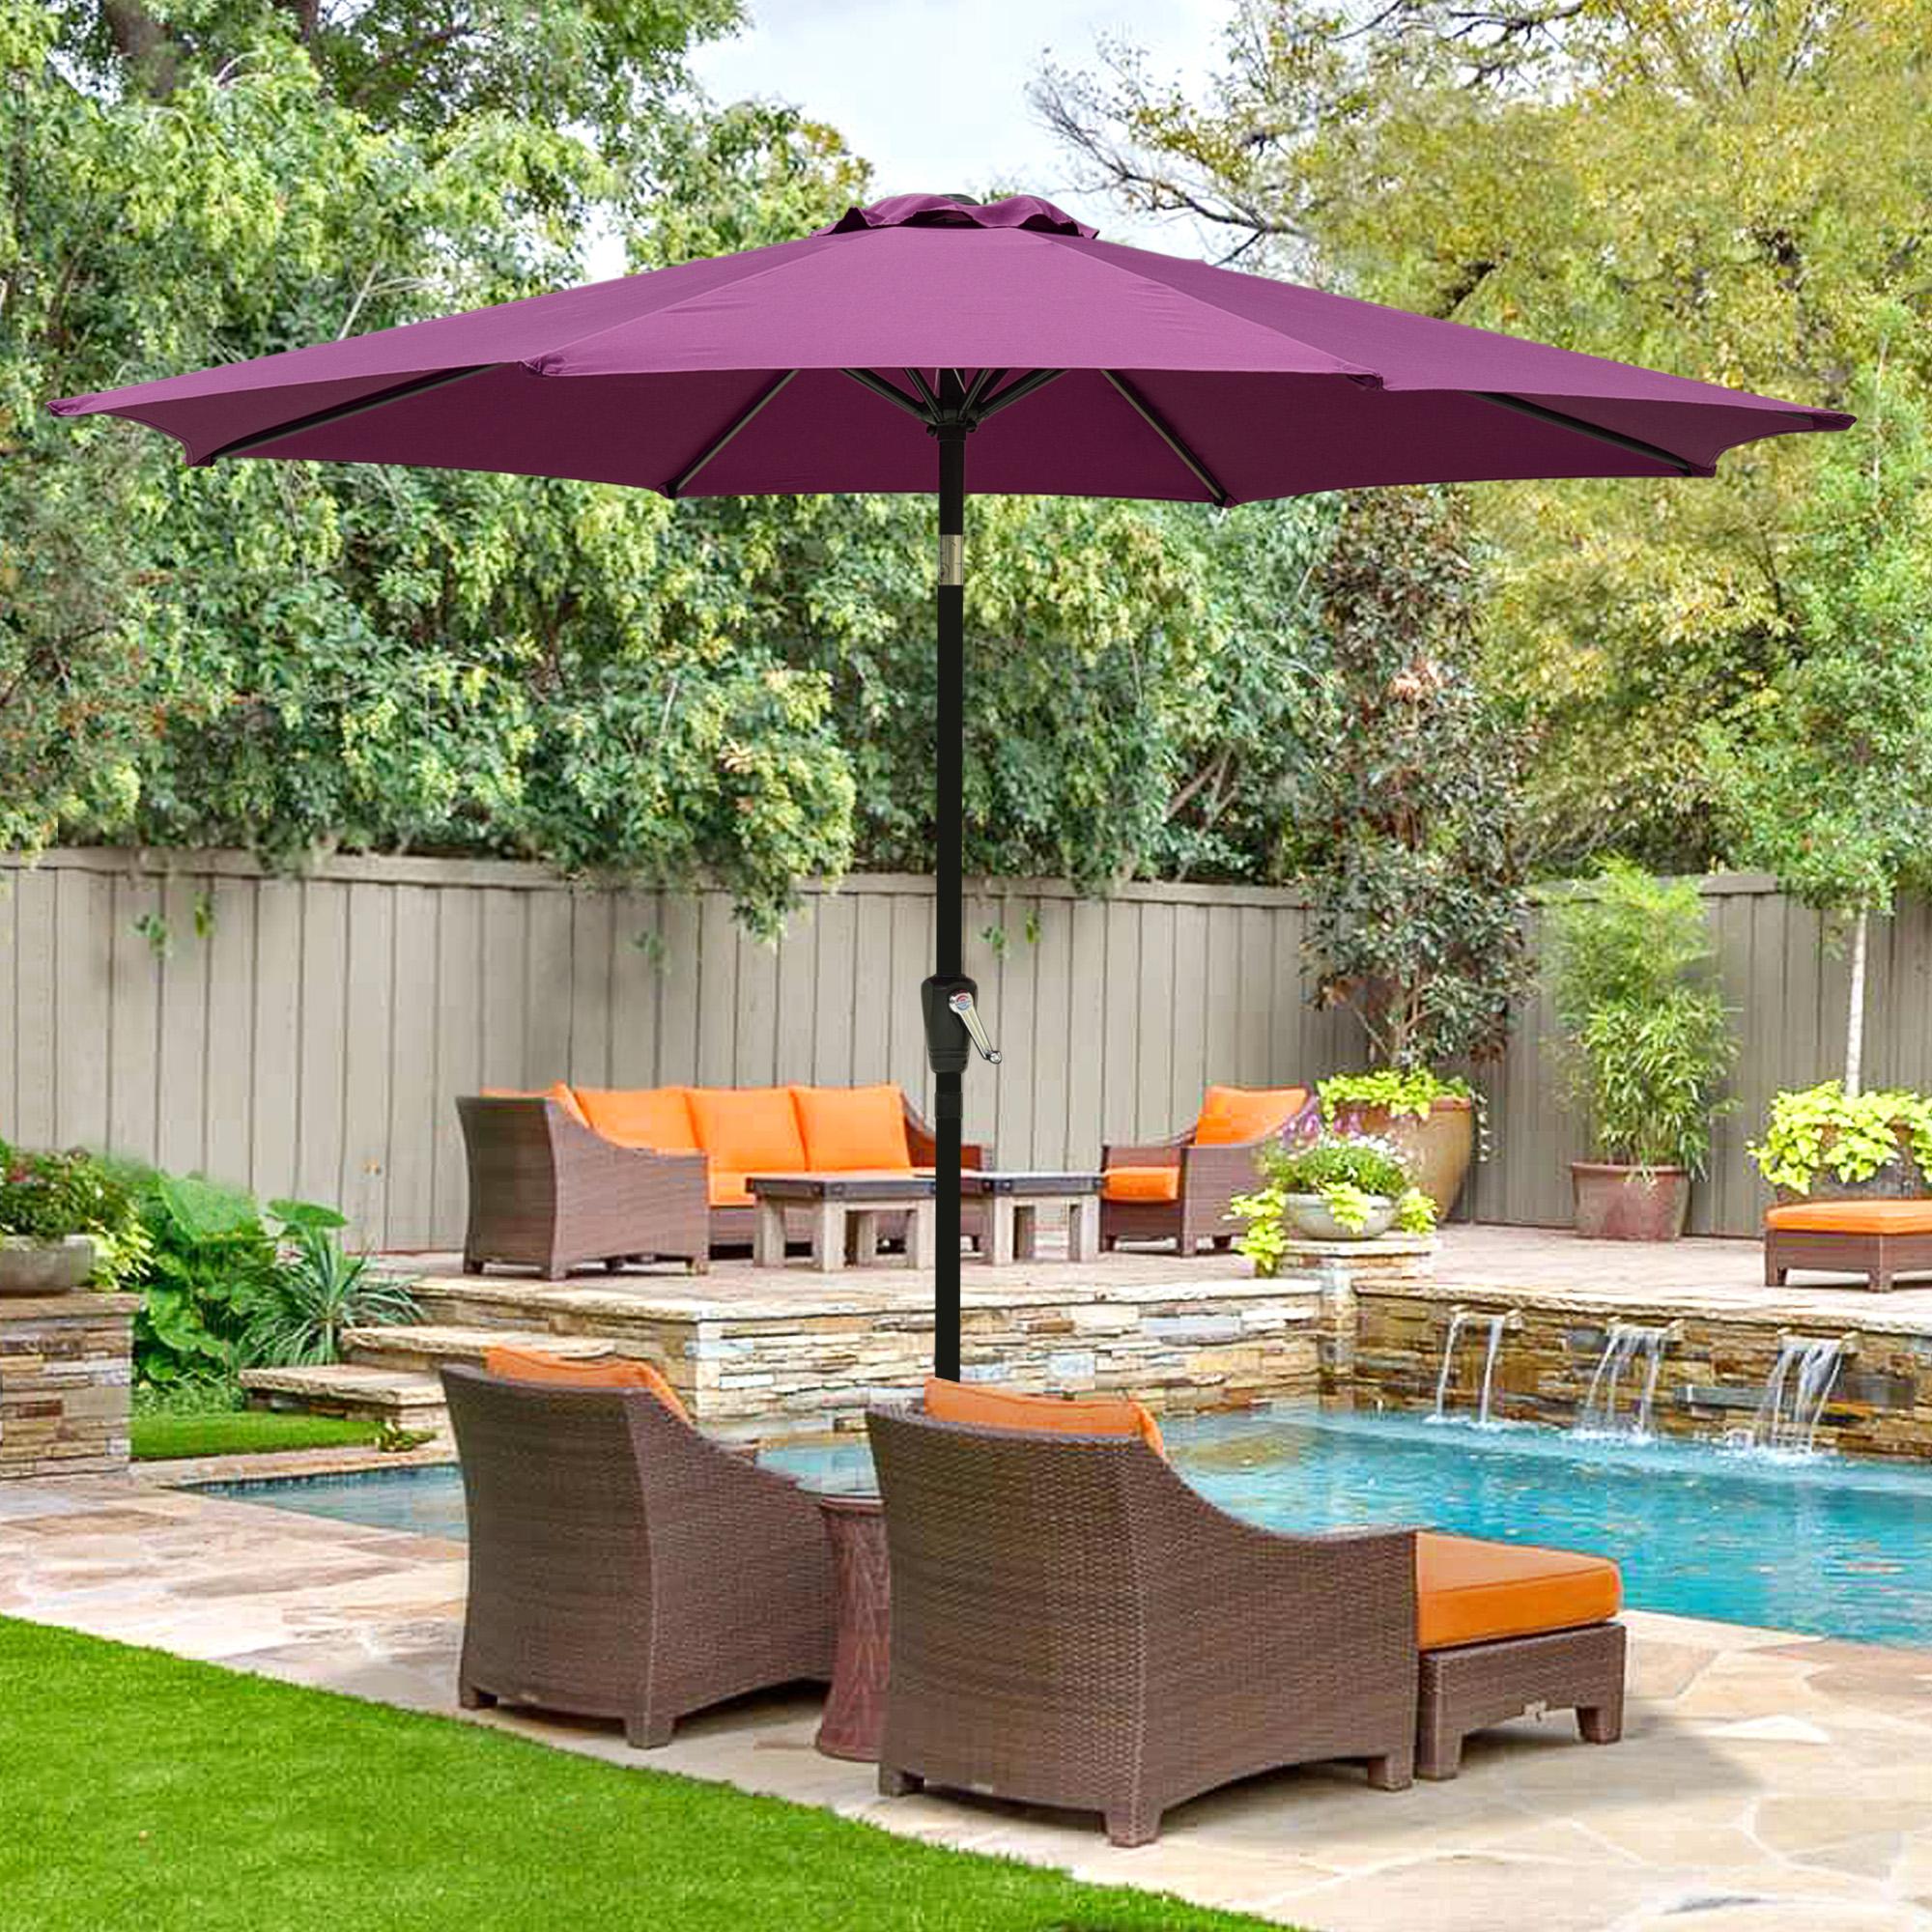 thumbnail 74 - 9' Outdoor Umbrella Patio 8 Ribs Market Garden Crank Tilt Beach Sunshade Parasol